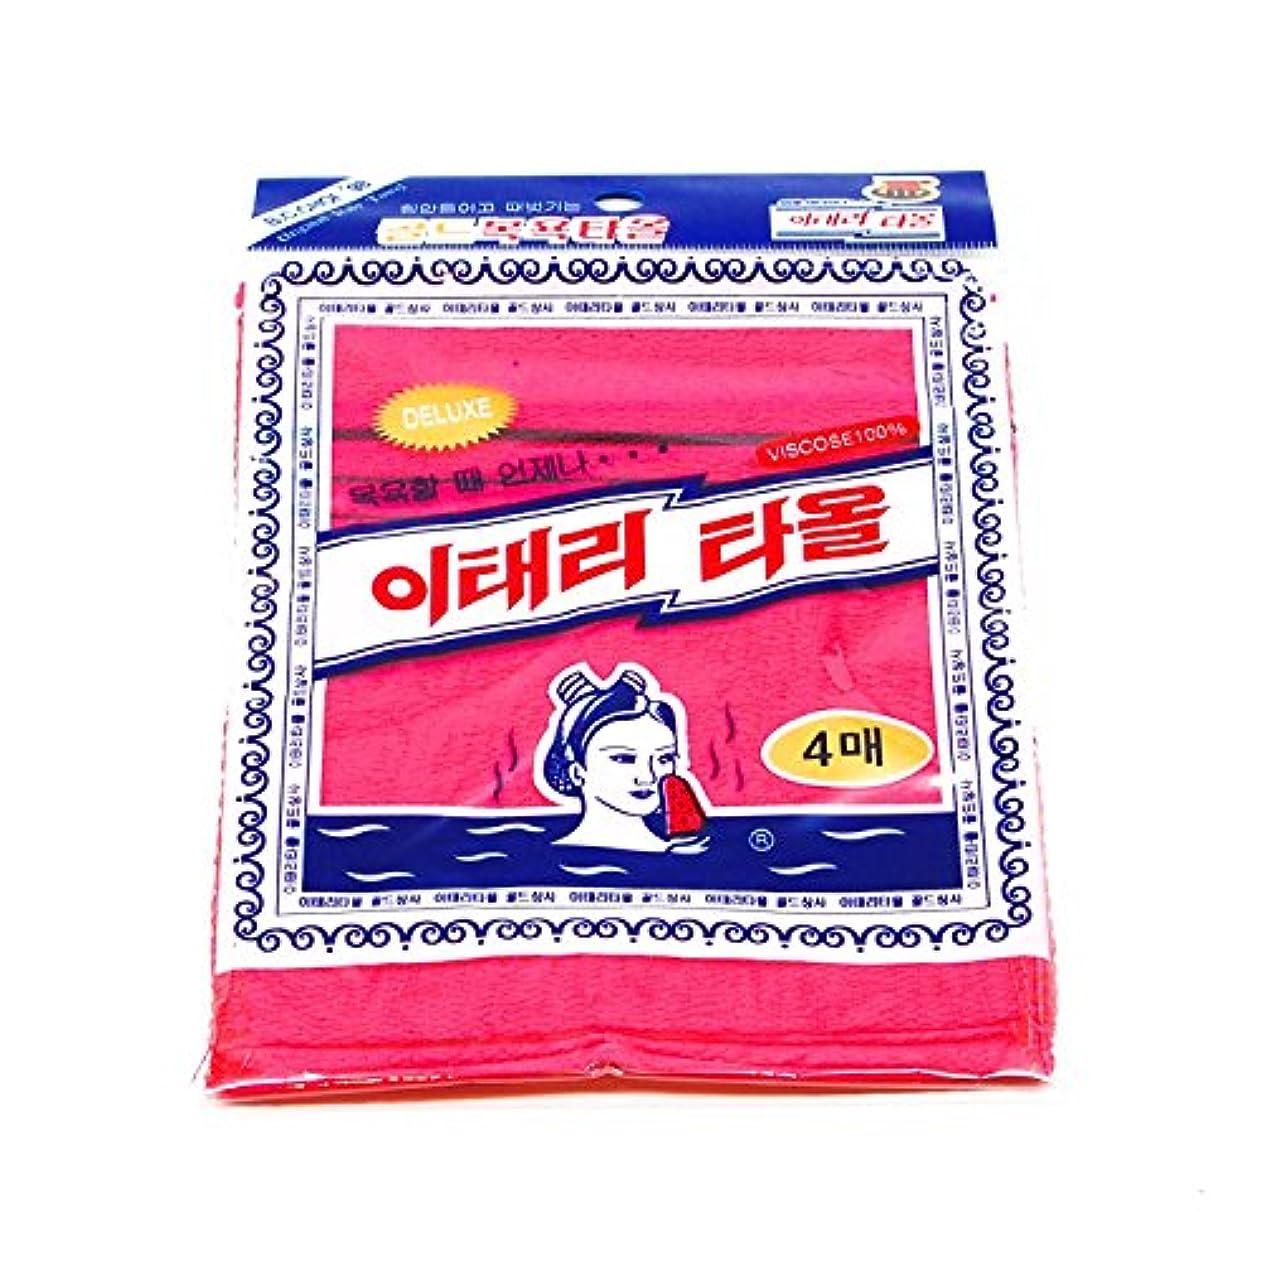 夕食を食べるボア下向き韓国式 あかすり タオル/Korean Exfoliating Bath Shower Towel/Body Scrubs - Made in Korea (Red) - 4Pcs [並行輸入品]